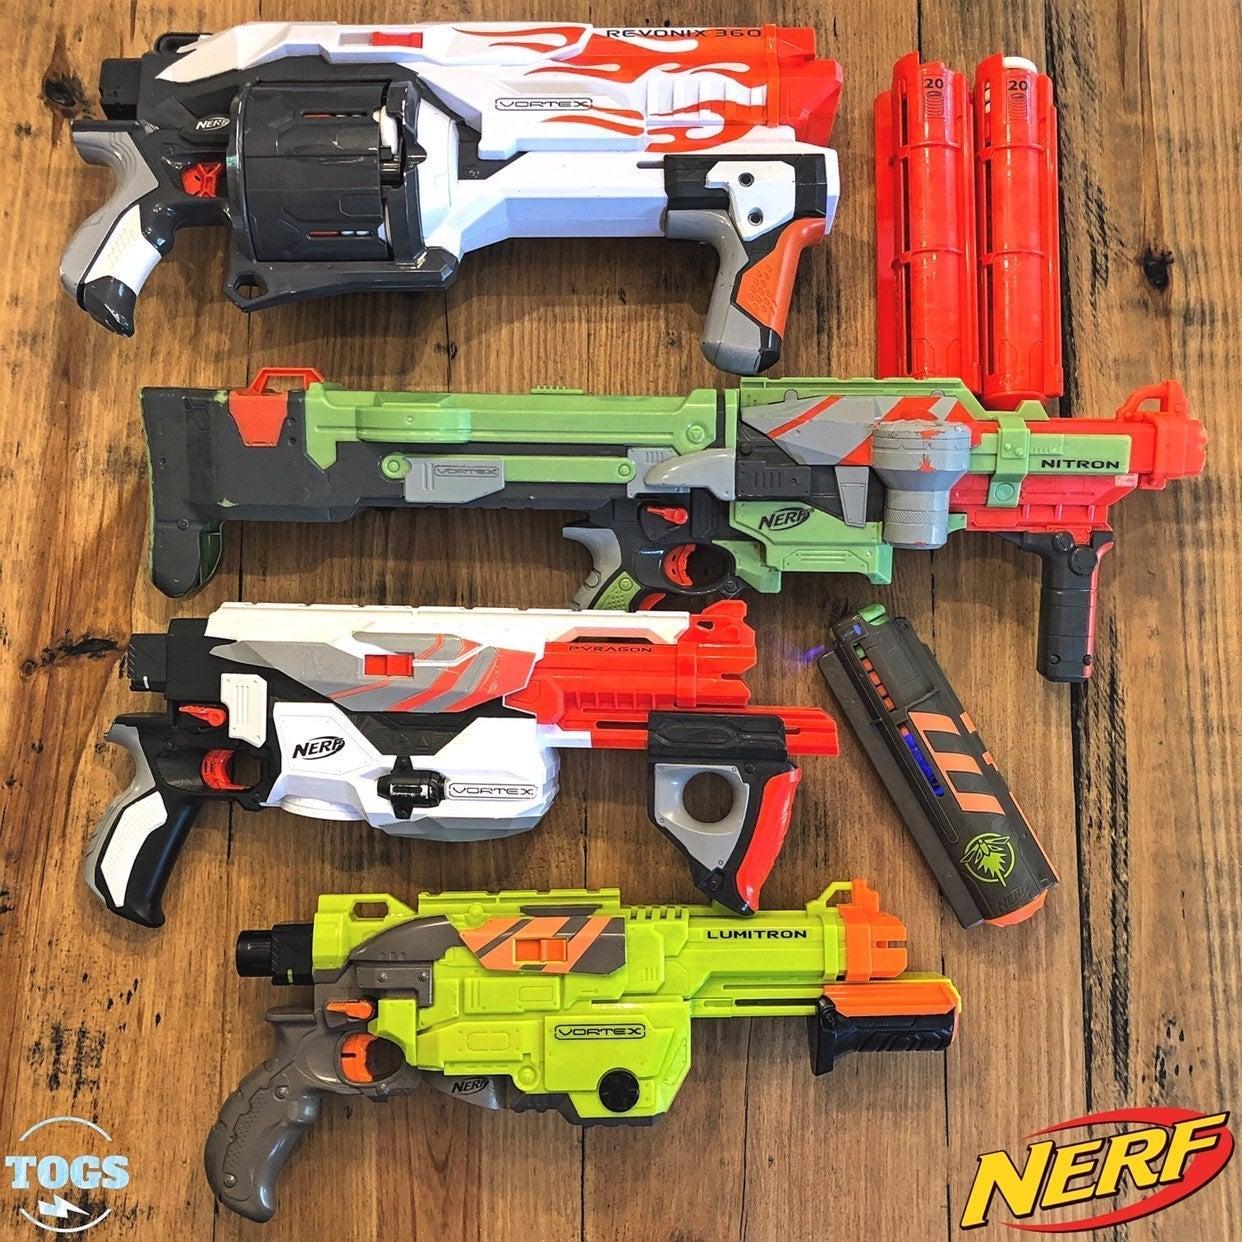 4 NERF Vortex Blasters Nitron Revonix360